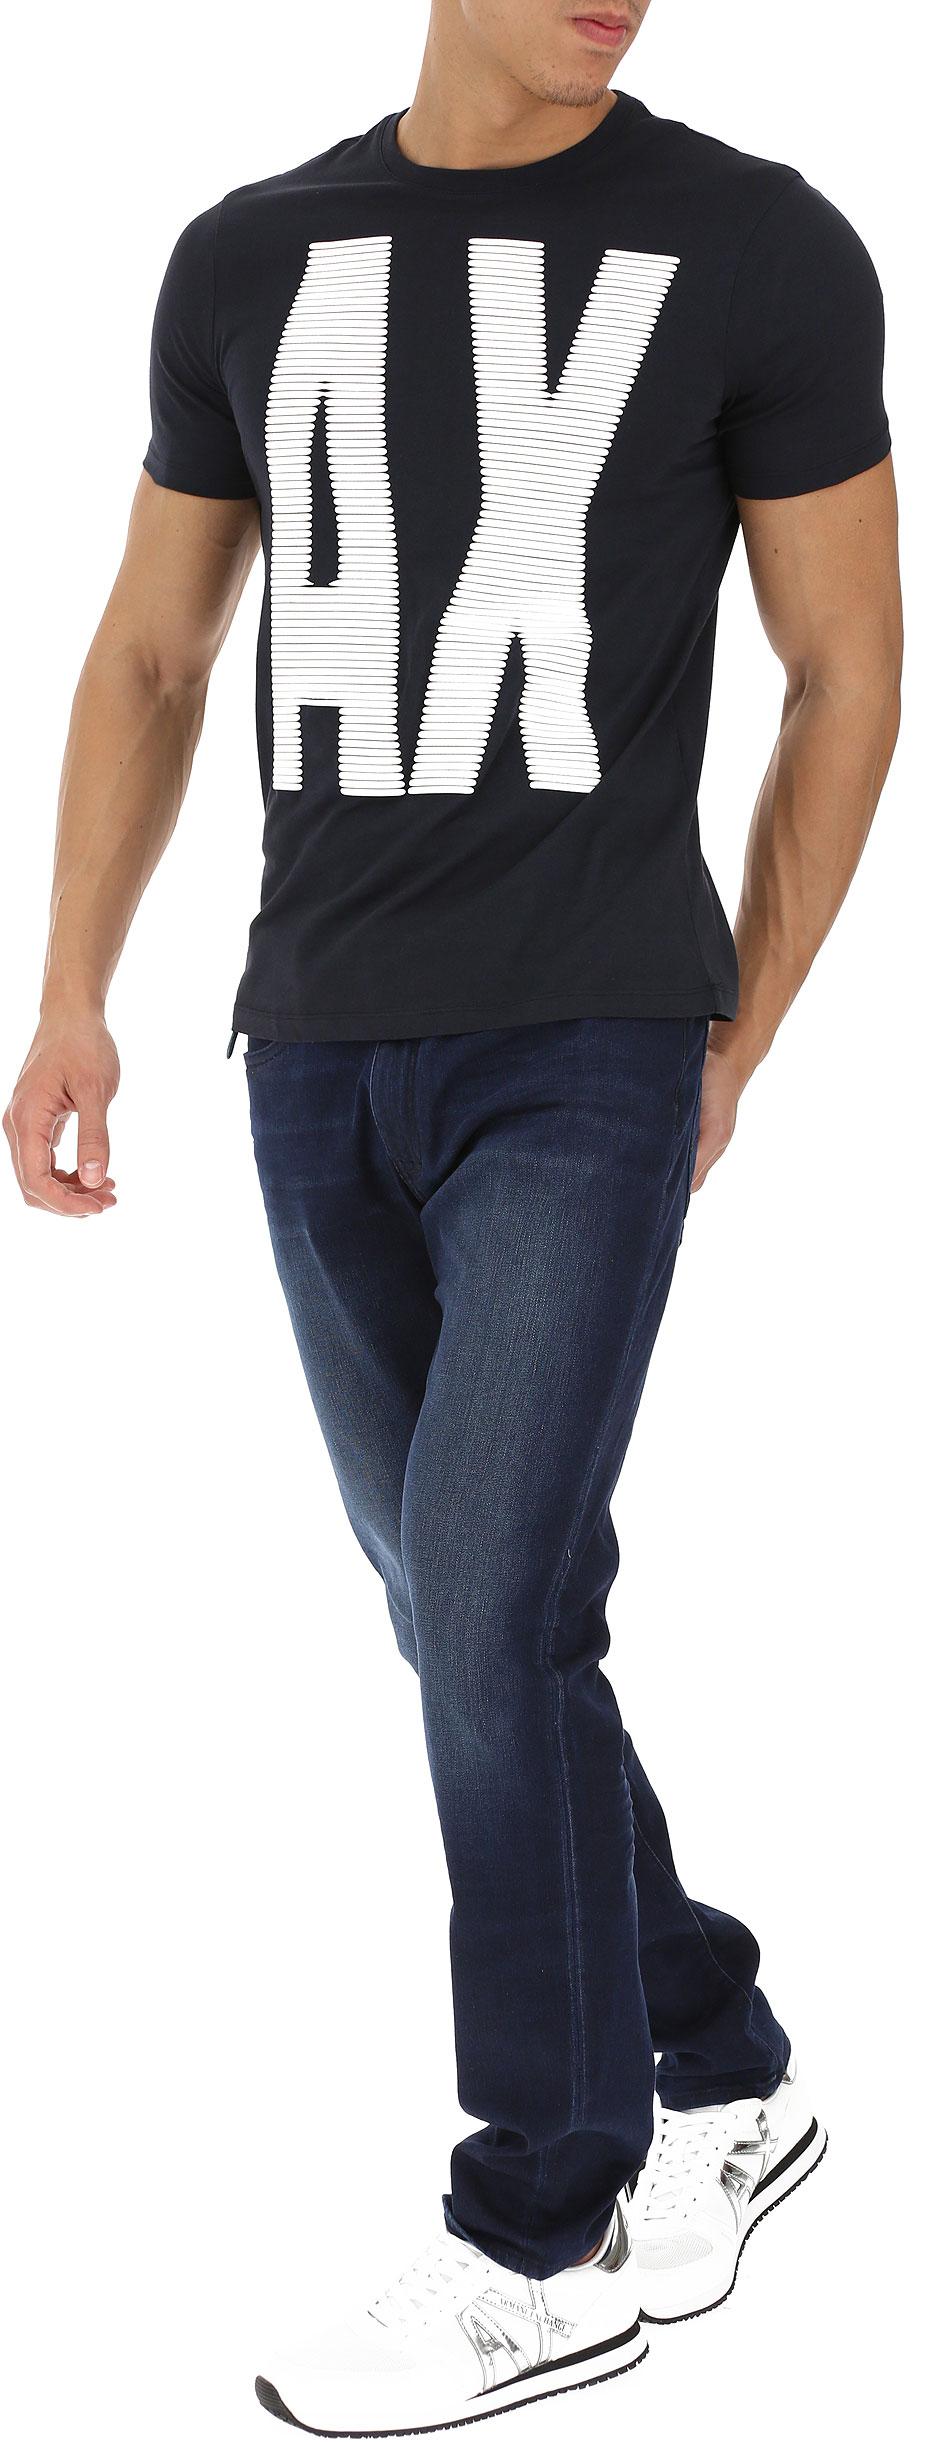 Abbigliamento Emporio zjh4z Uomo 3zztcd Emporio Codice zjh4z Articolo Armani Uomo Armani Abbigliamento Articolo 1510 3zztcd Codice 01wSS